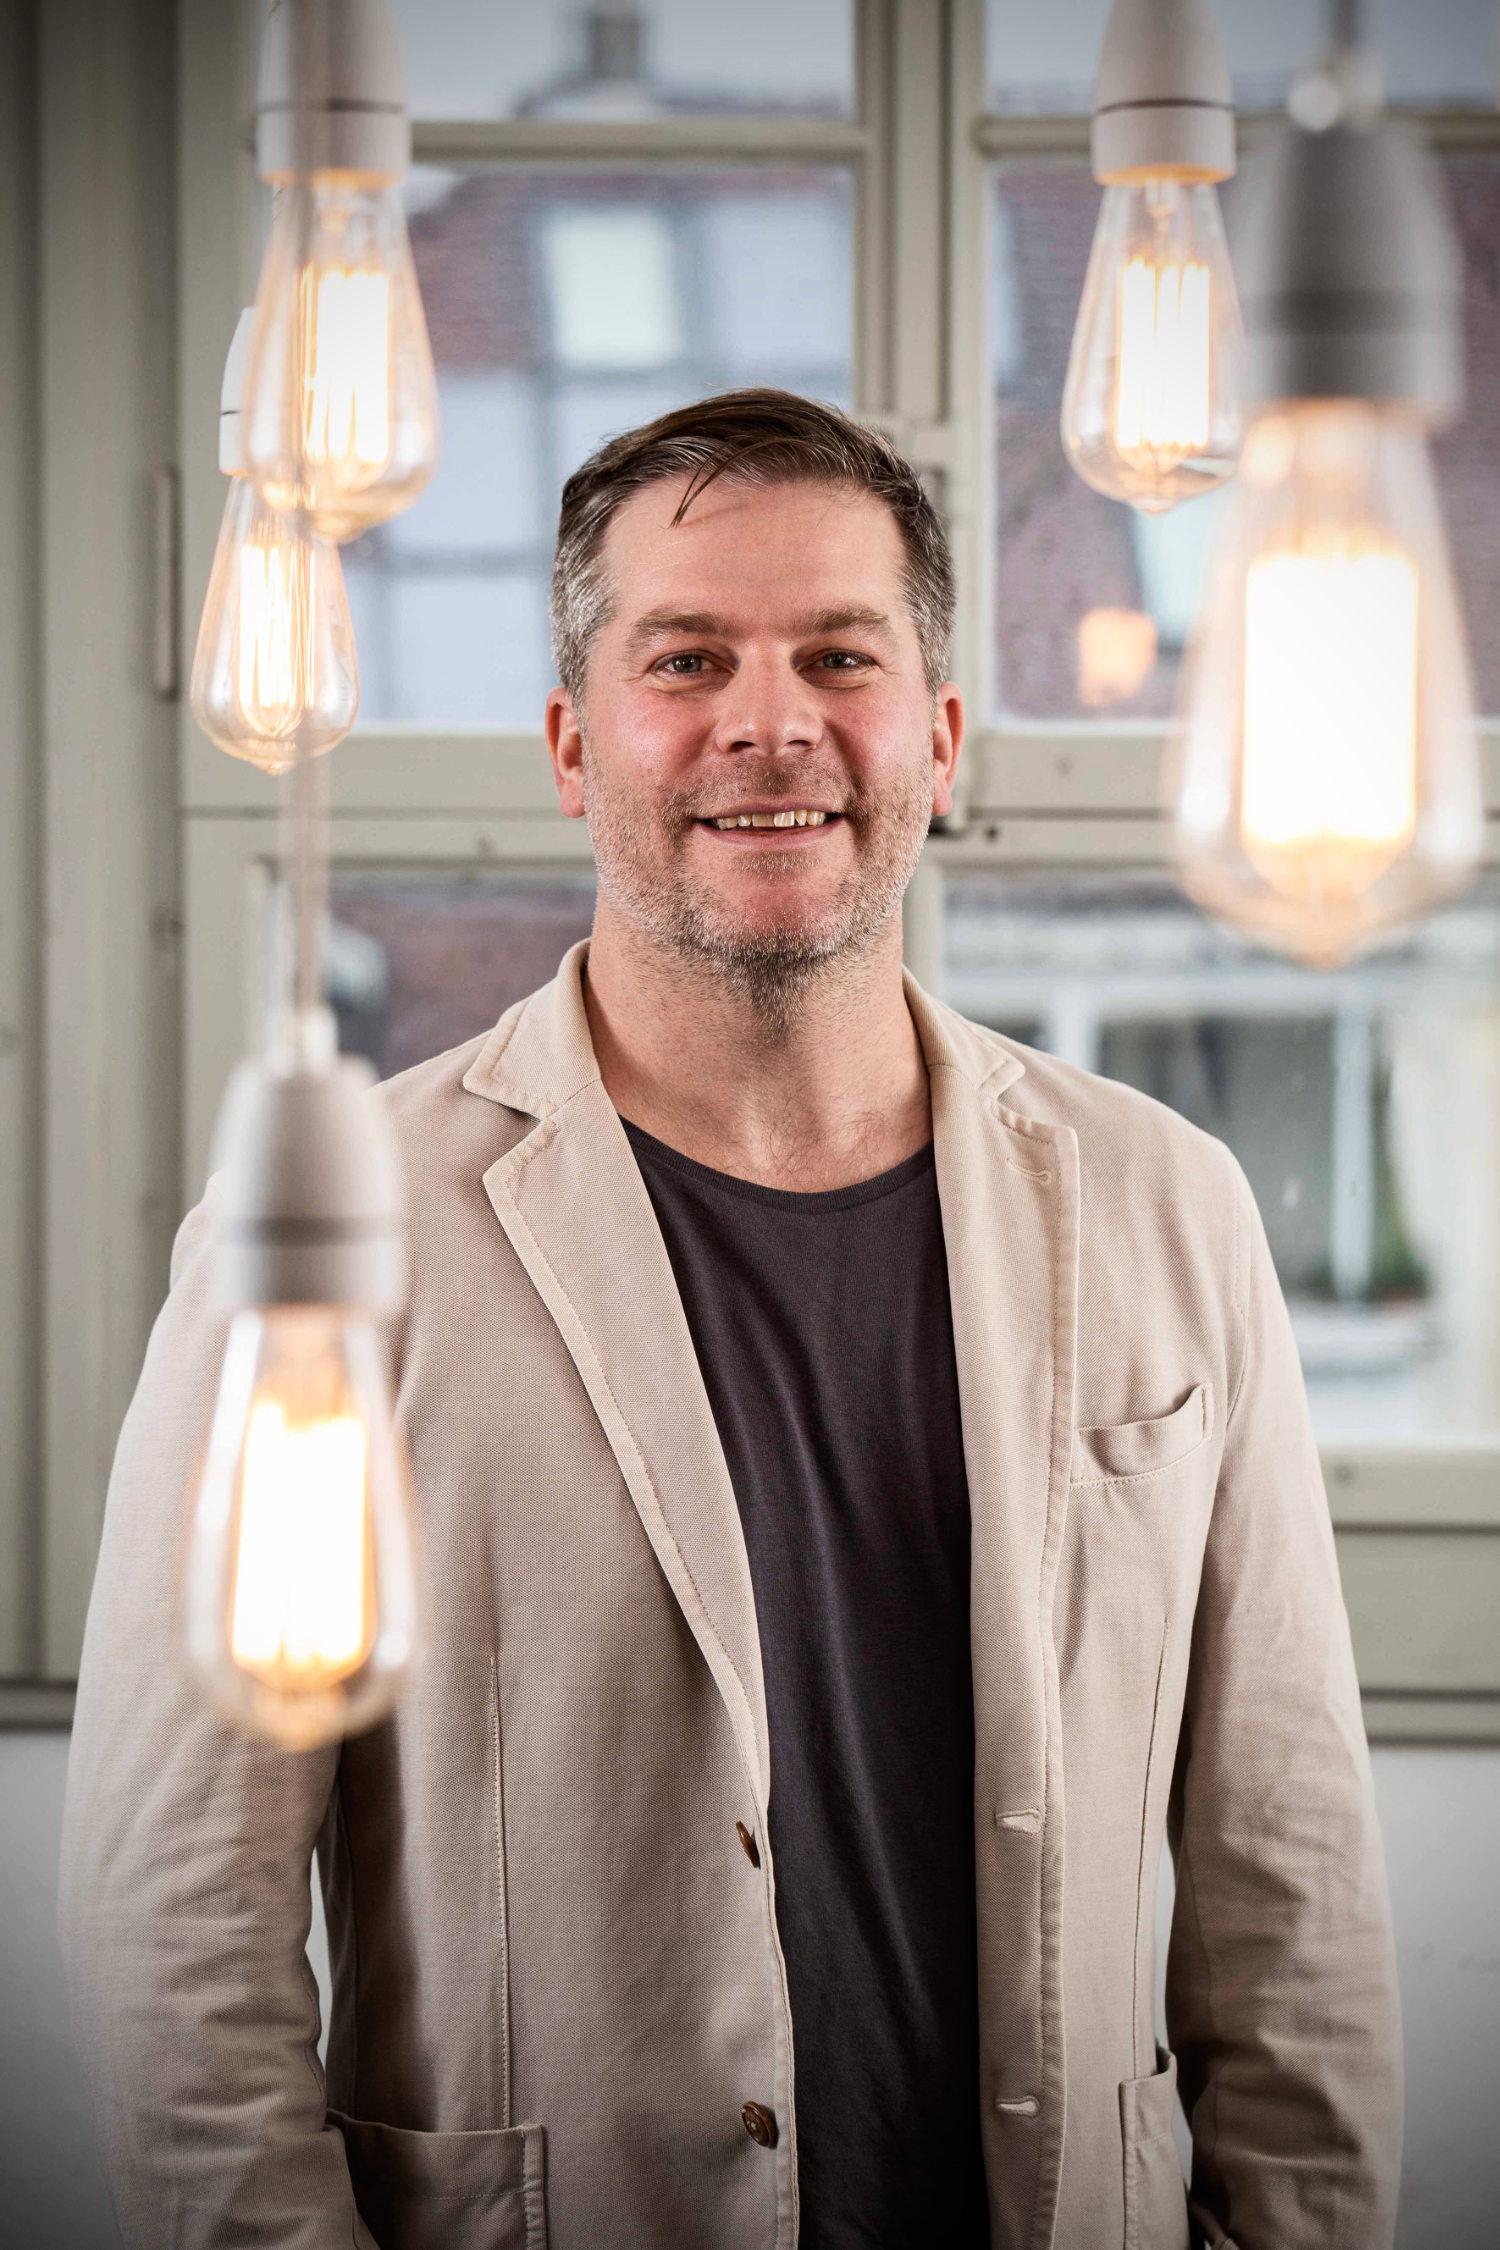 Autor, Filmemacher und Kolumnist Roman Tschäppeler